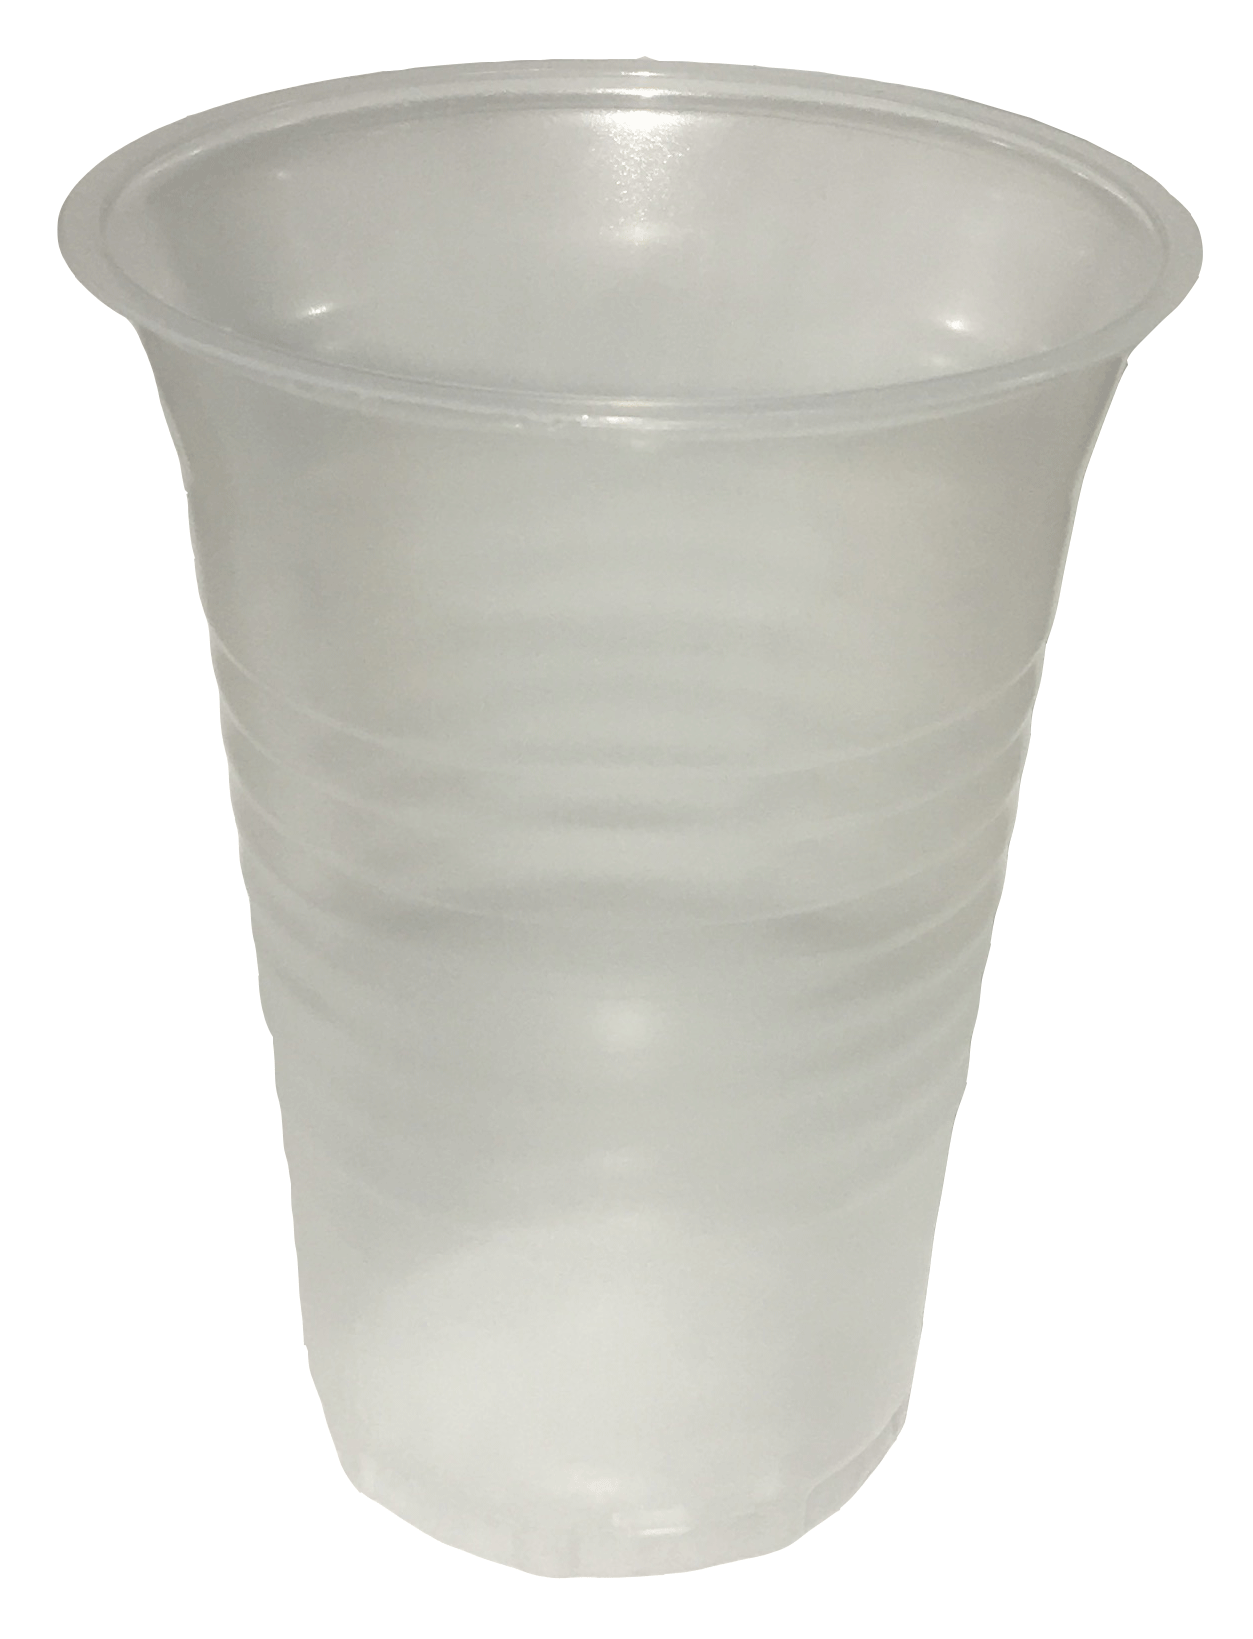 Стакан одноразовый Buroclean термостойкий 500 мл, прозрачный, 50 шт